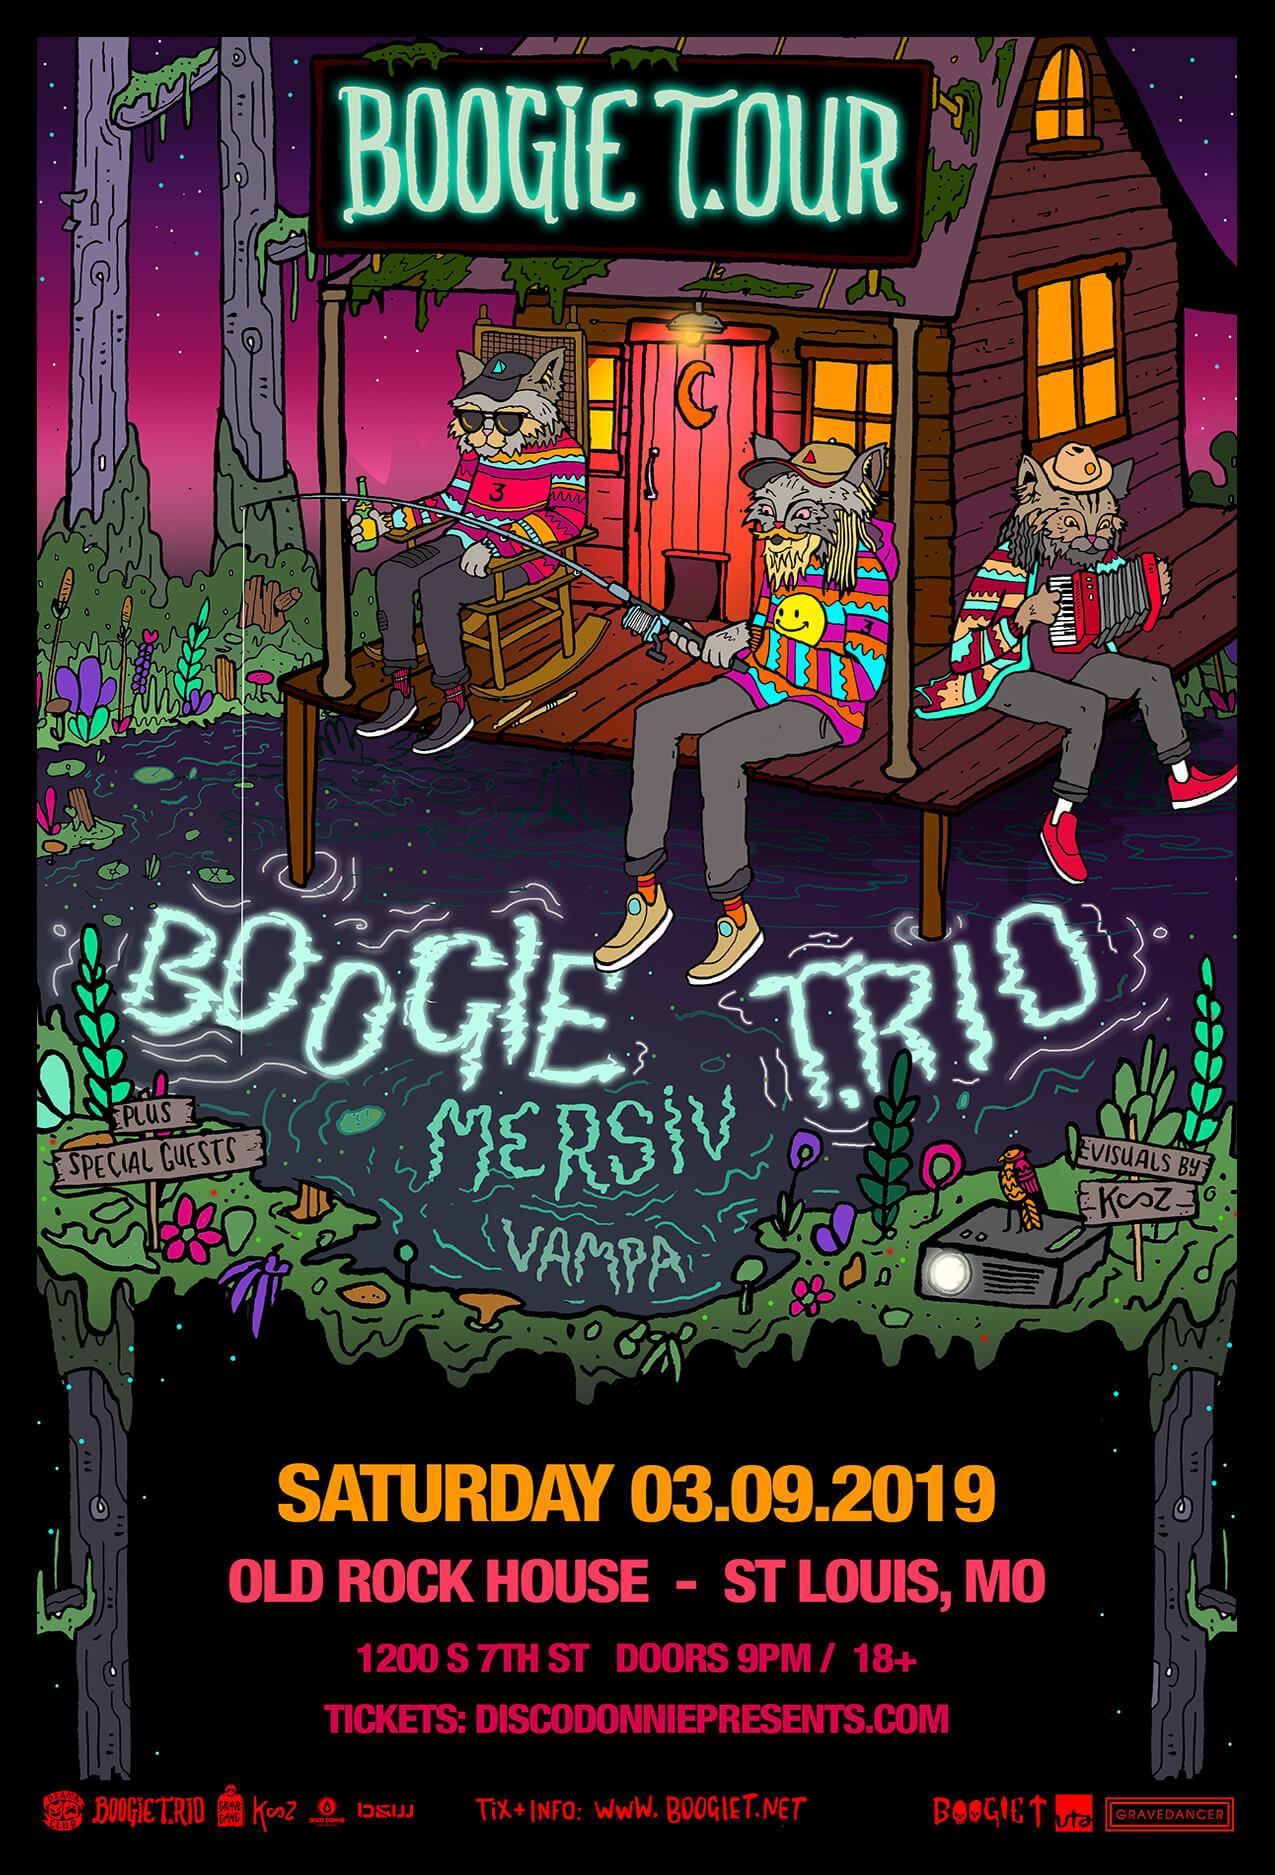 Boogie T, Mersiv, Vampa in St Louis